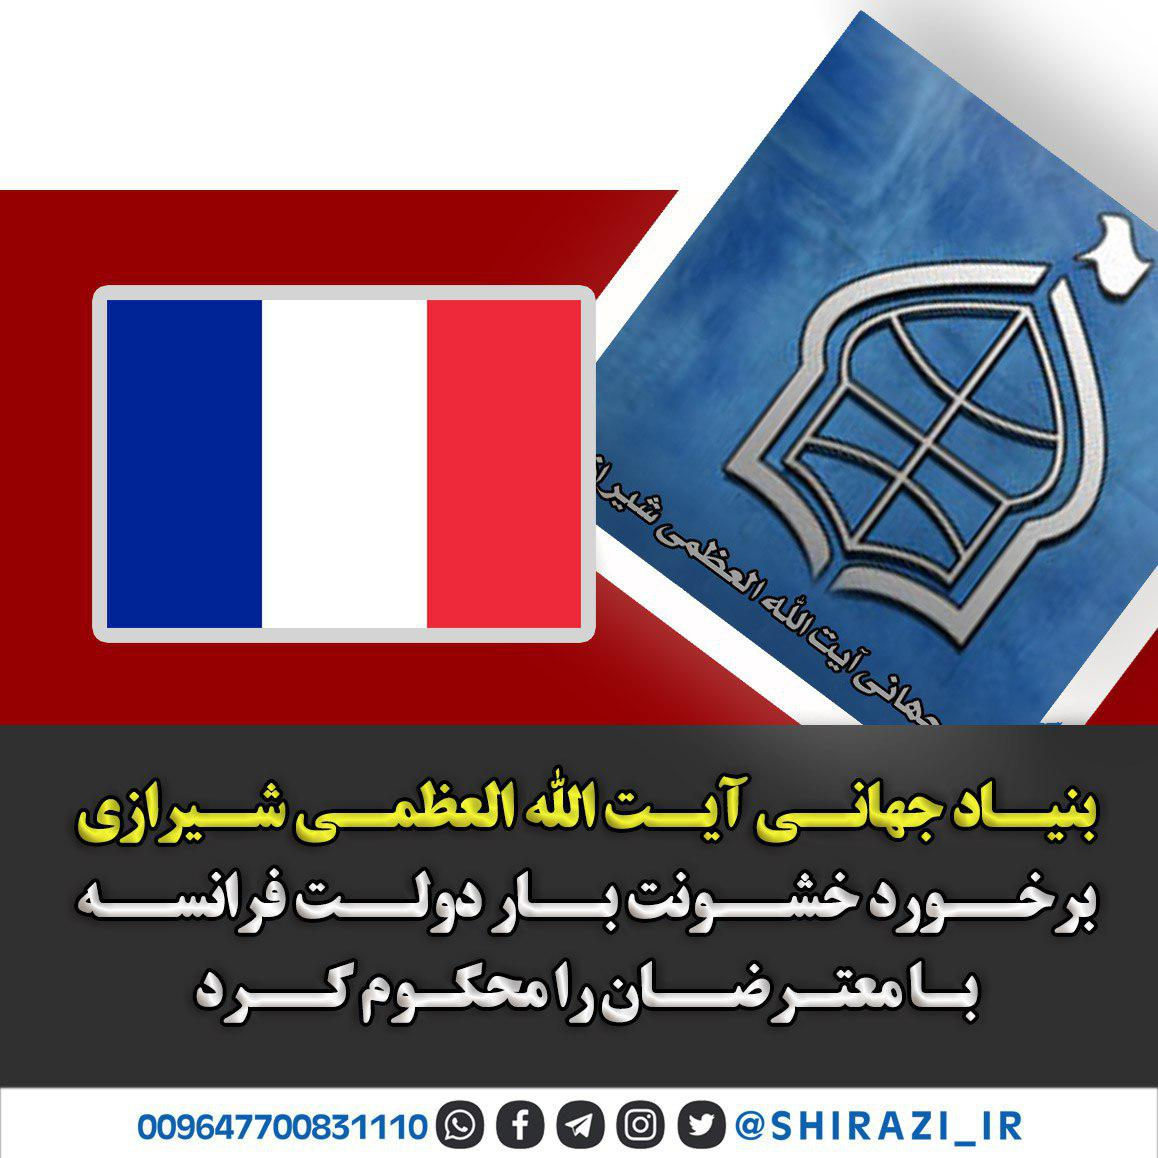 تصویر واکنش بنیاد جهانی آیت الله العظمی شیرازی به سرکوب های اخیر فرانسه